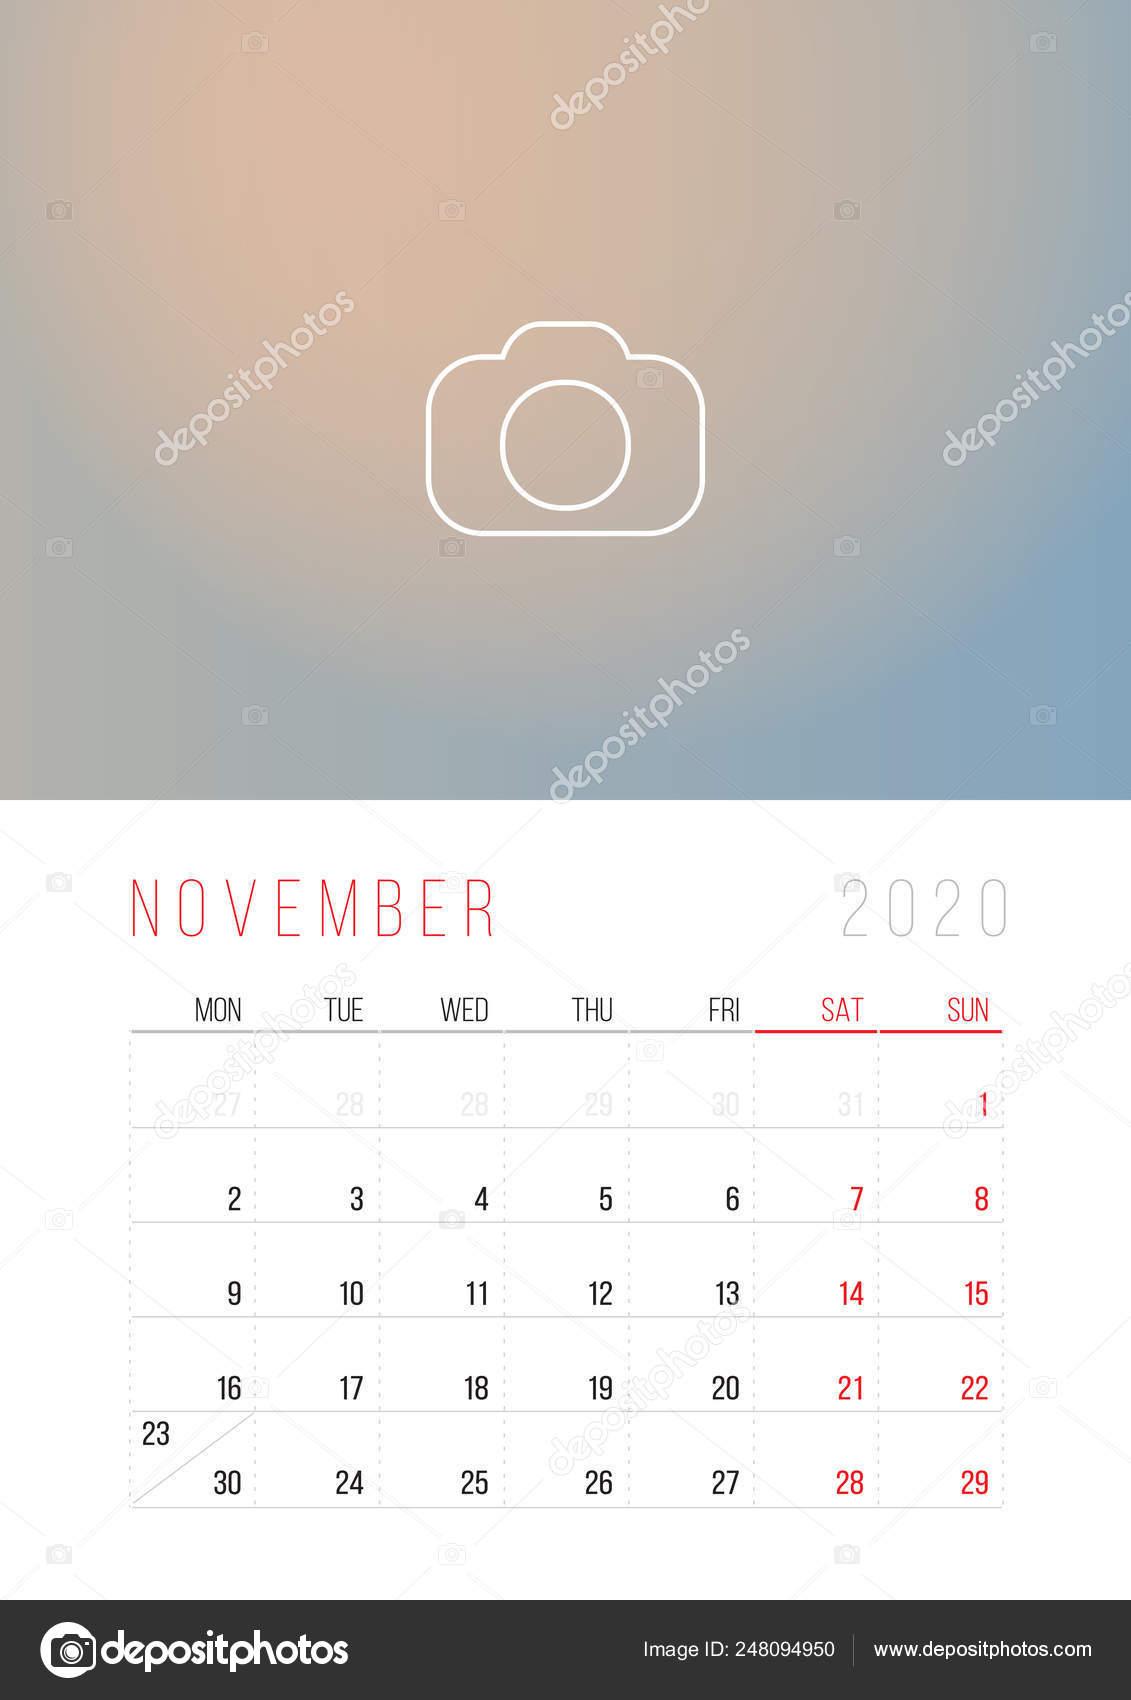 Settimane Calendario 2020.Calendario 2020 Inizio Di Settimana Il Lunedi Vettoriali